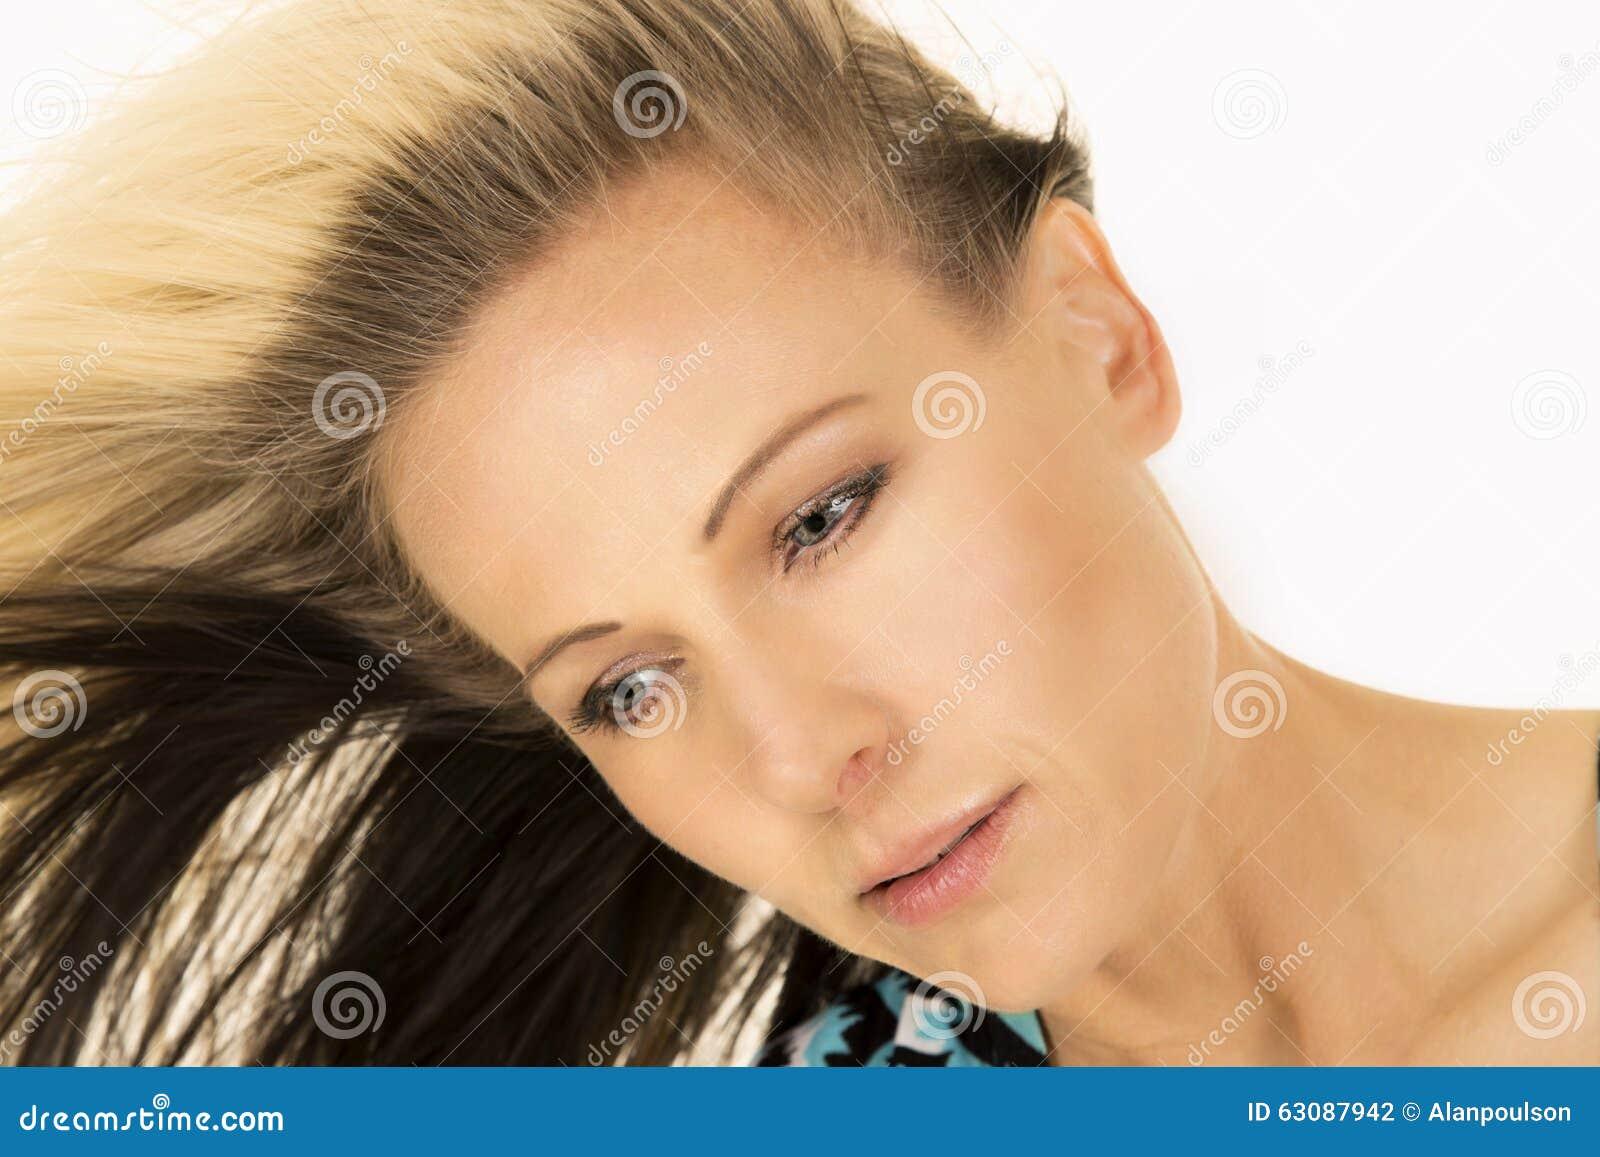 Download Fin Des Cheveux Blonds De Femme à Dégrossir Regard Vers Le Bas Photo stock - Image du adulte, beau: 63087942